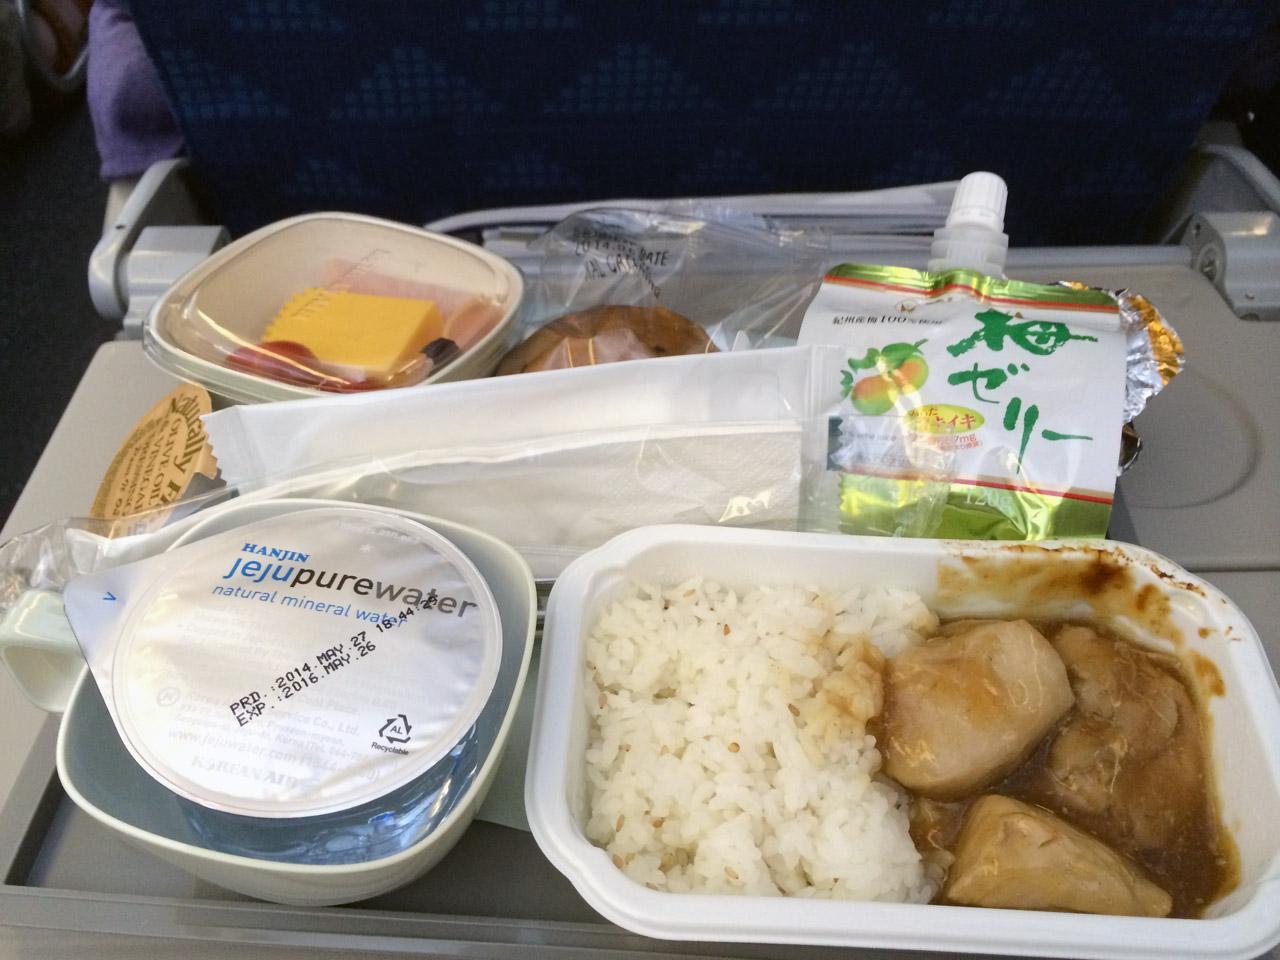 何故、人間は機内食の写真を撮影してしまうのだろうか・・・。